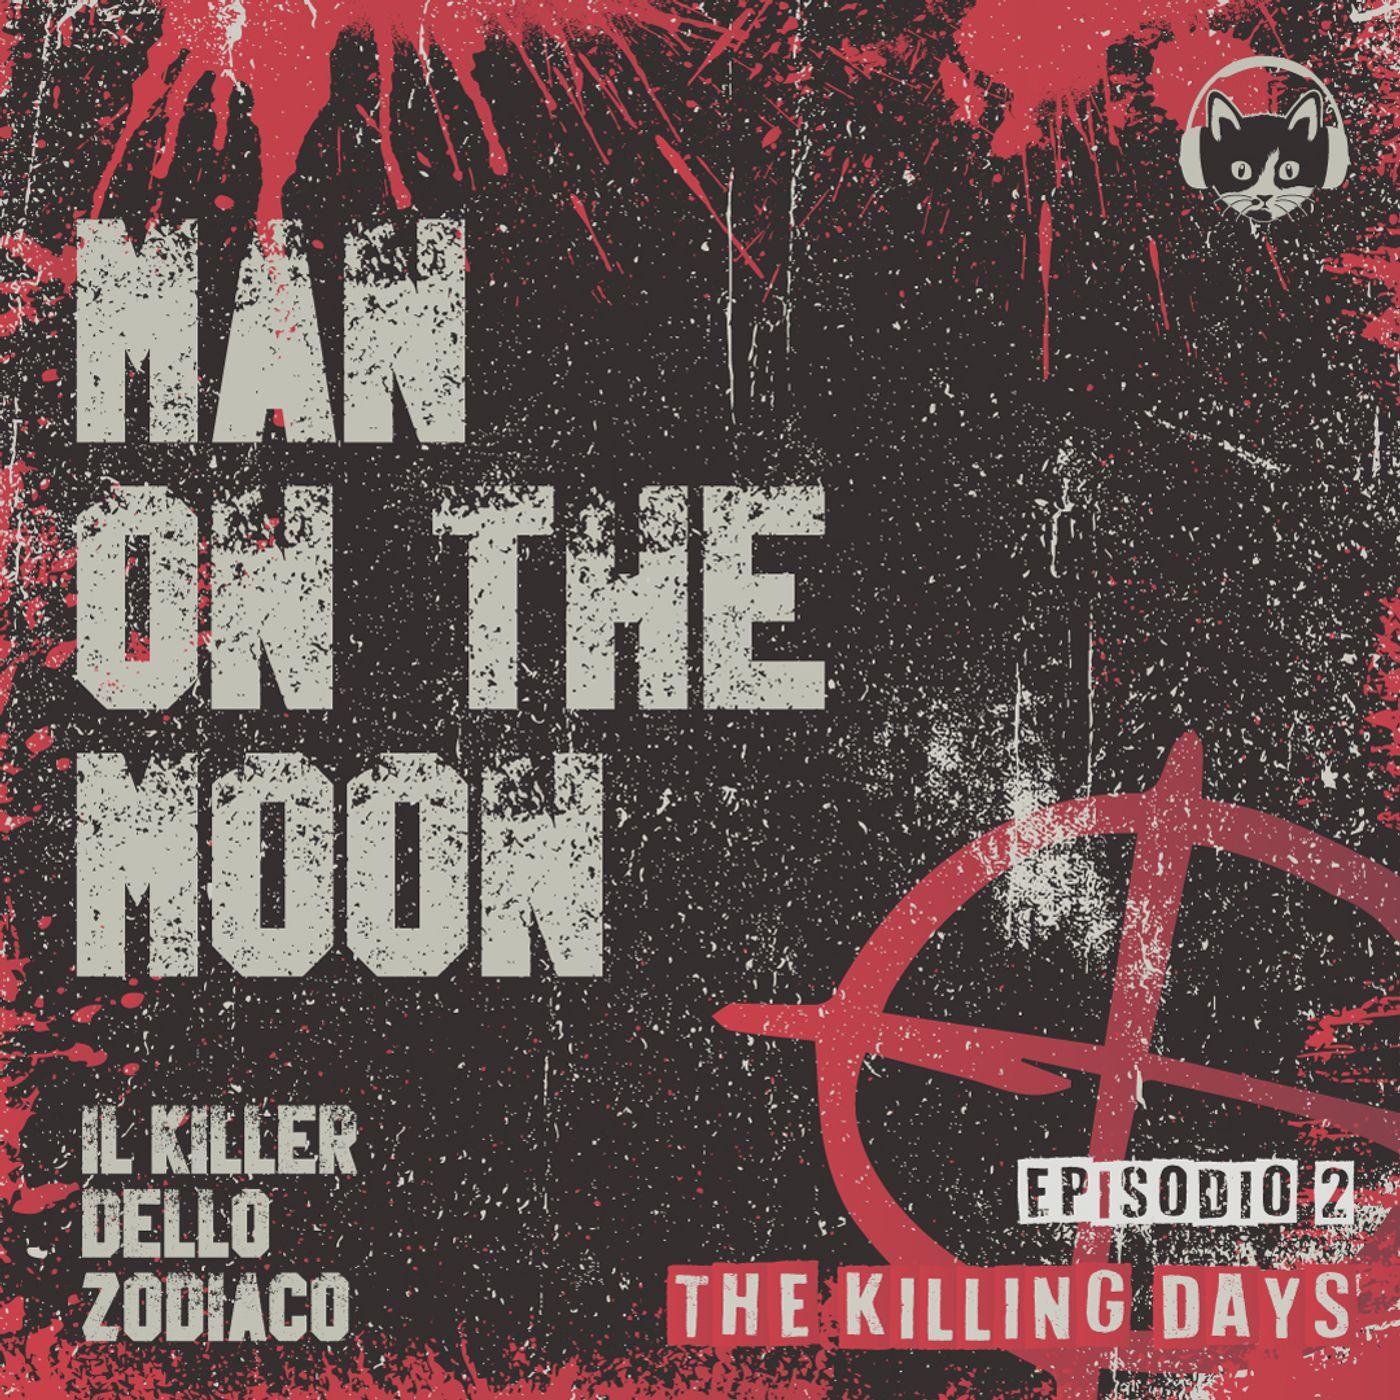 Episodio 02: Man on the Moon